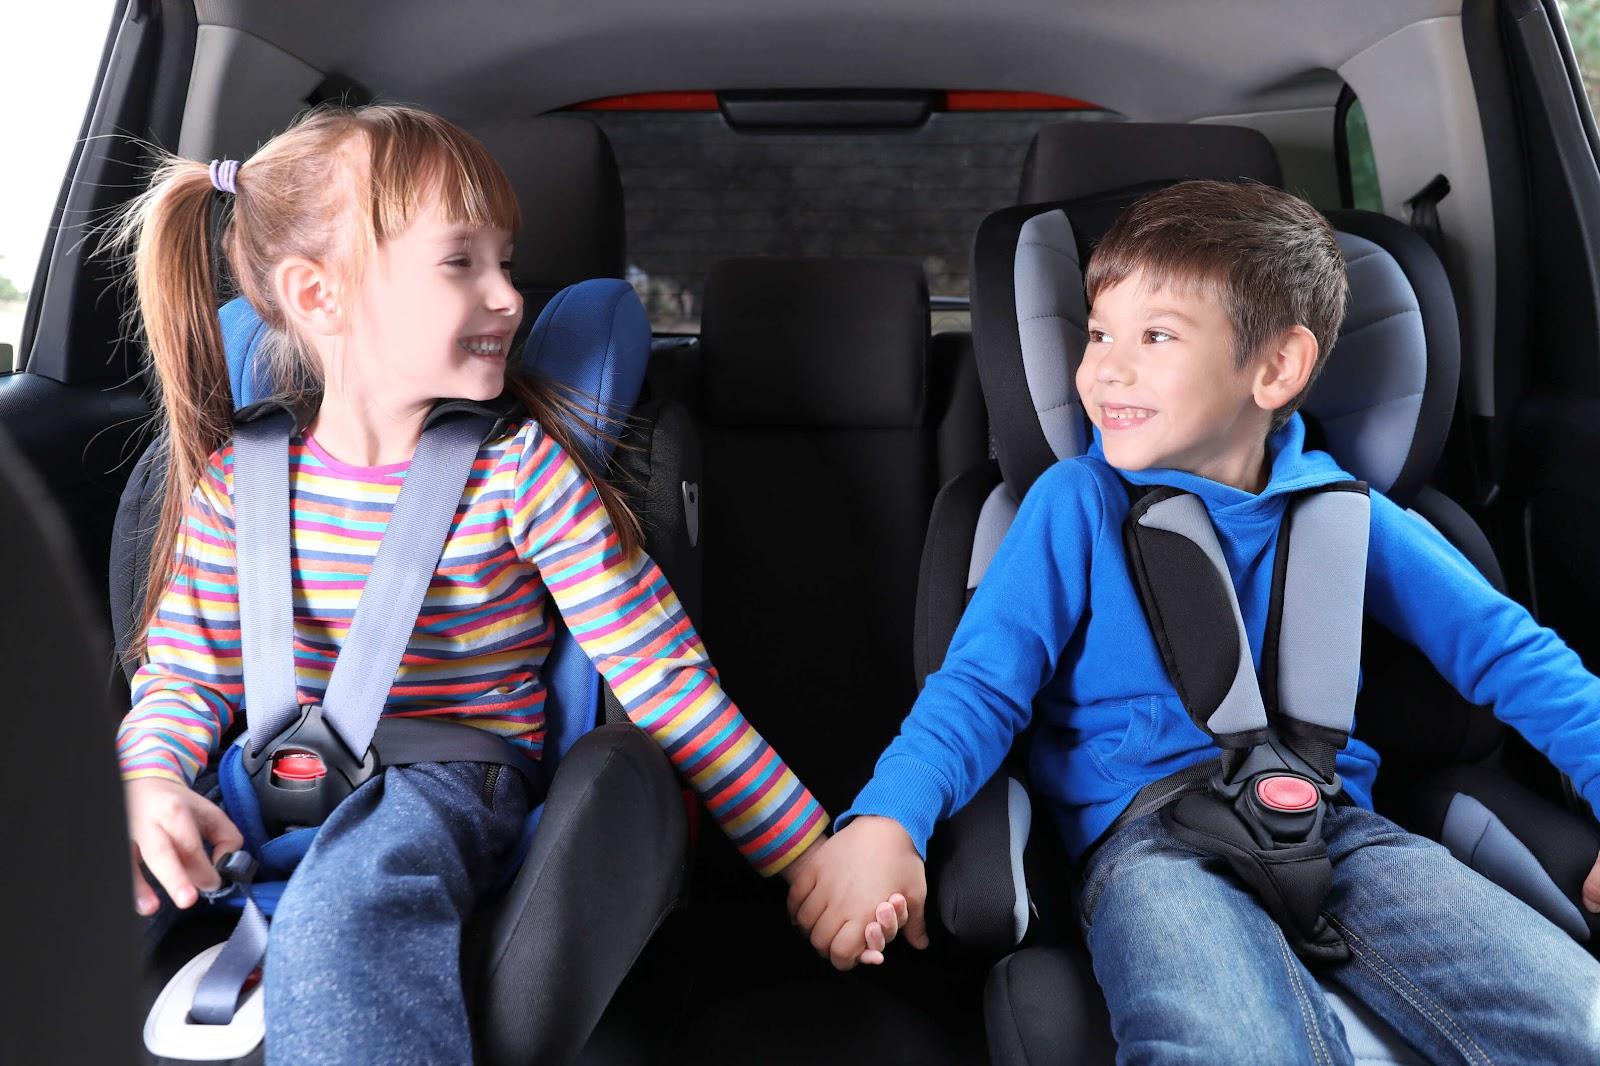 7 главных правил, которых следует придерживаться для безопасности перевозки детей в машине - Картинка 1